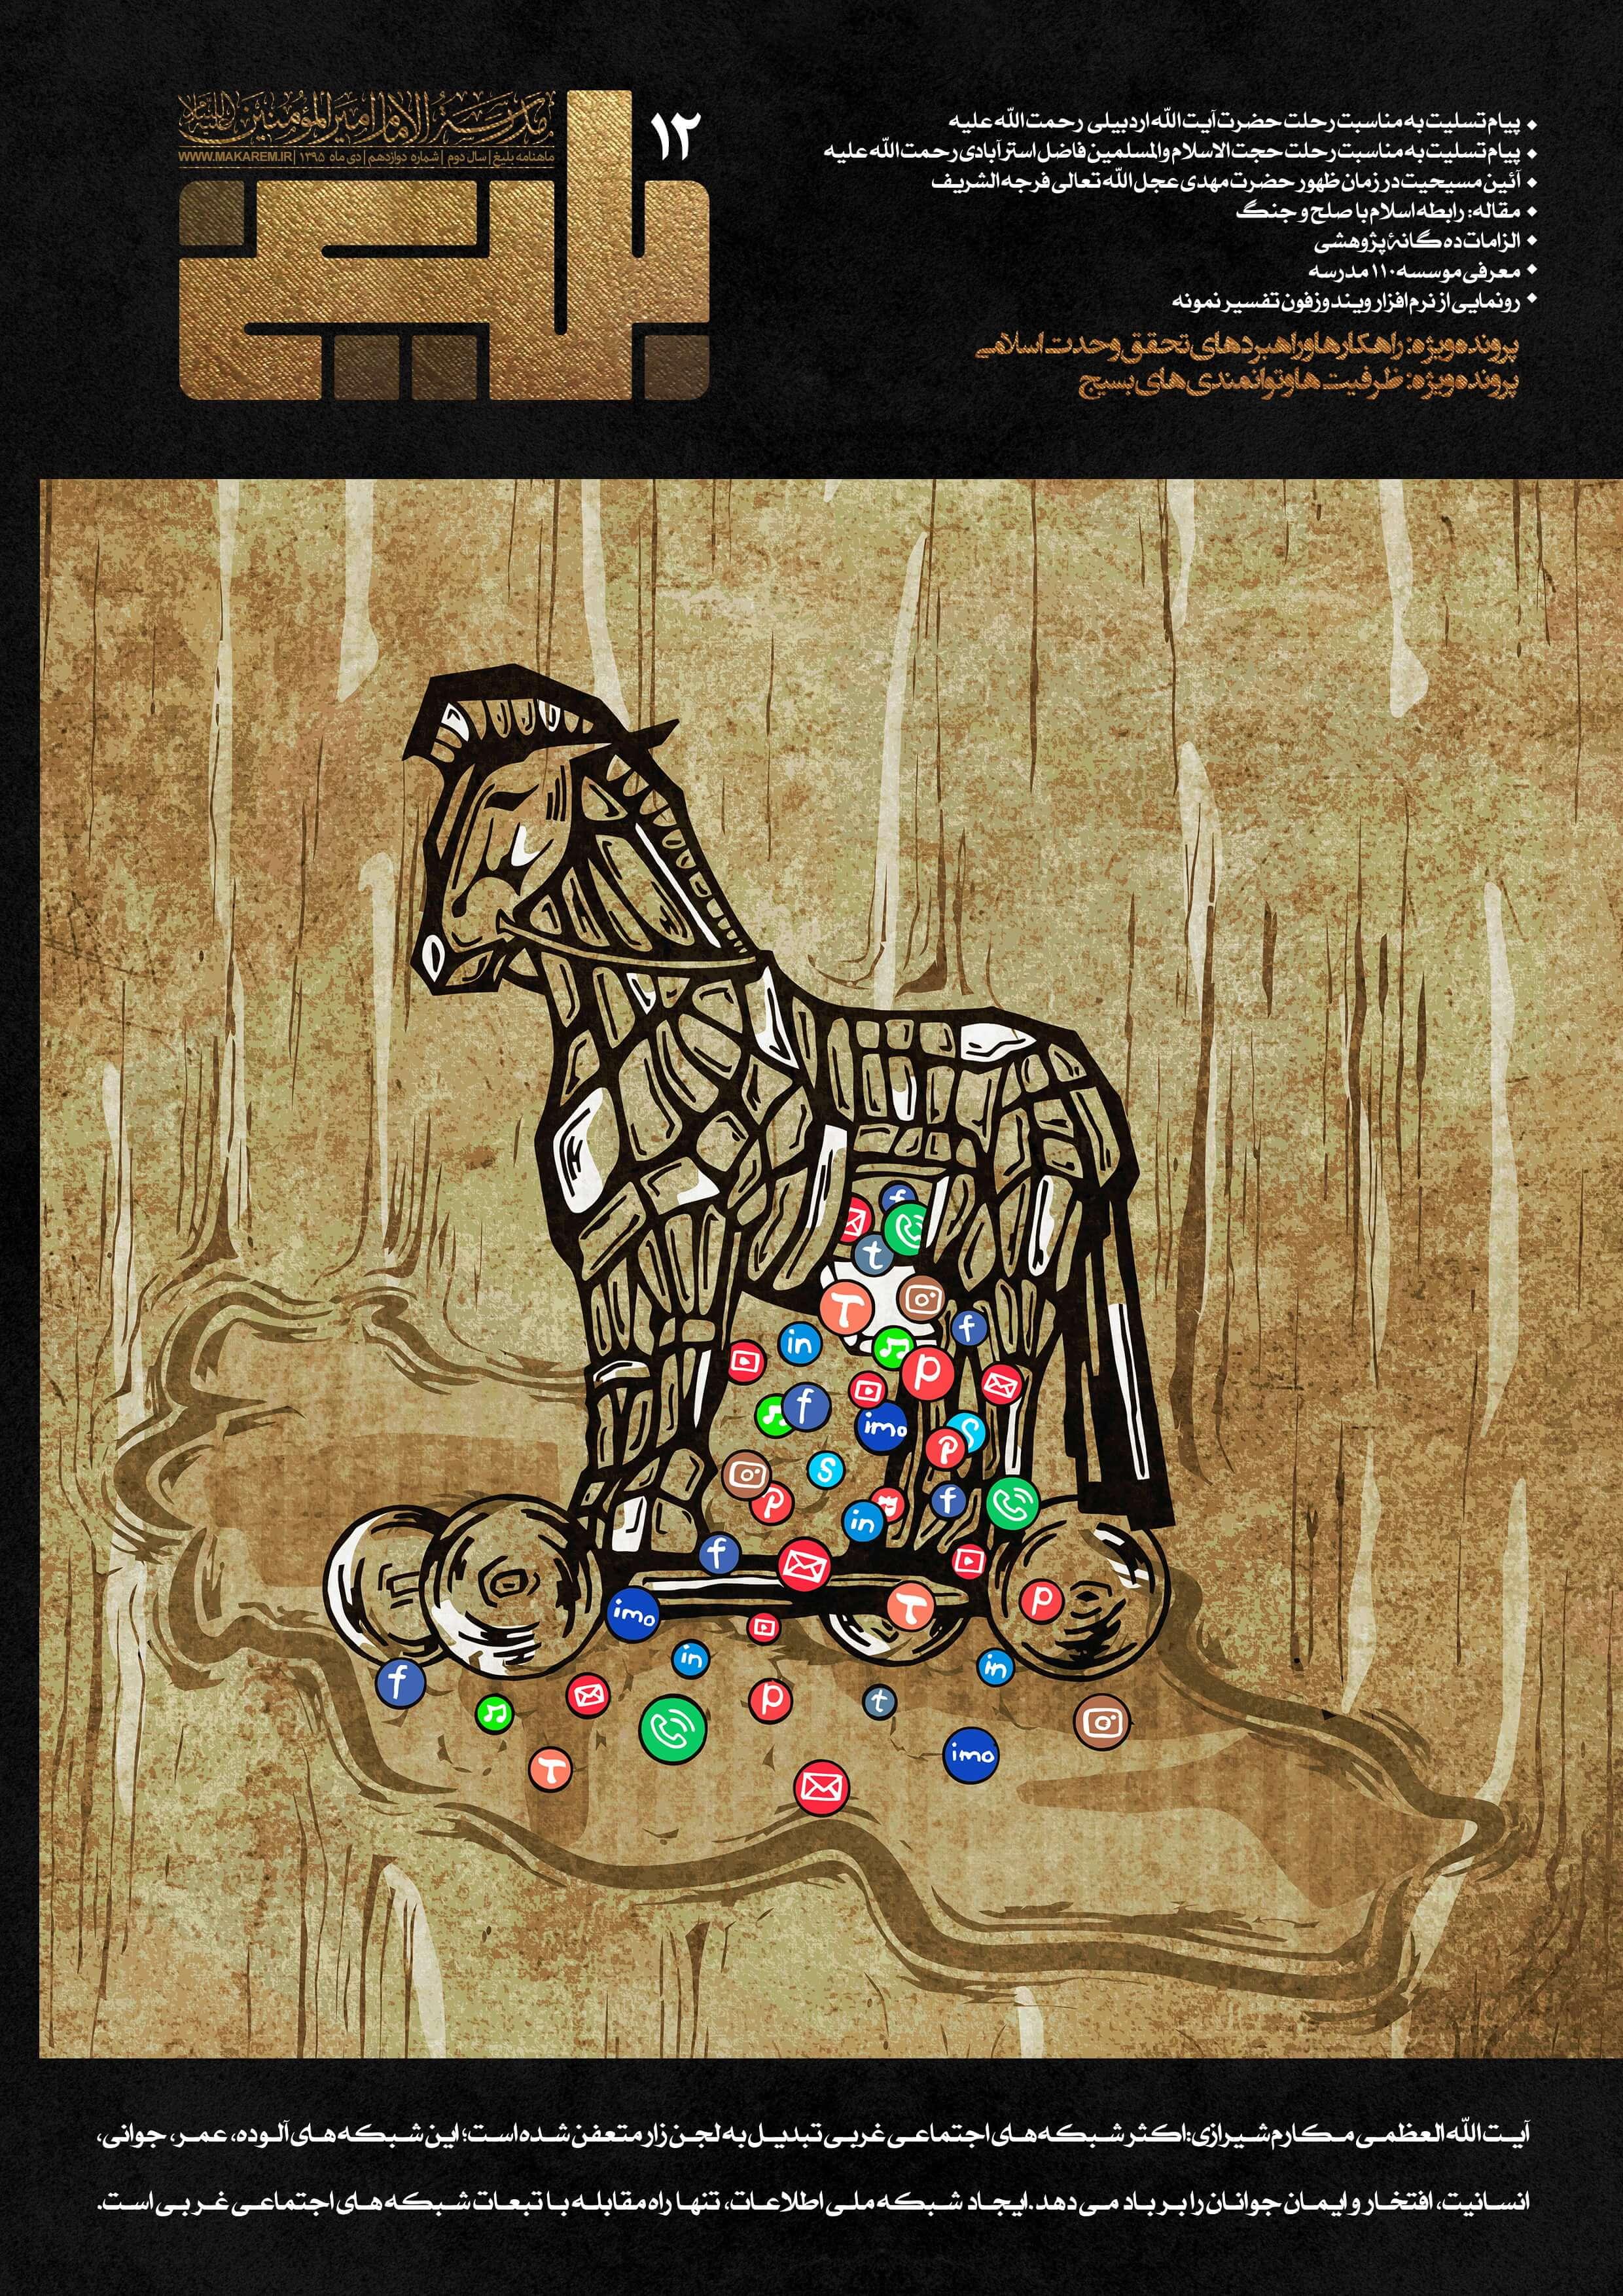 دوازدهمین شماره (دی 95) ماهنامه الکترونیکی خبری - تحلیلی بلیغ -مدرسه الامام امیر المومنین (ع)